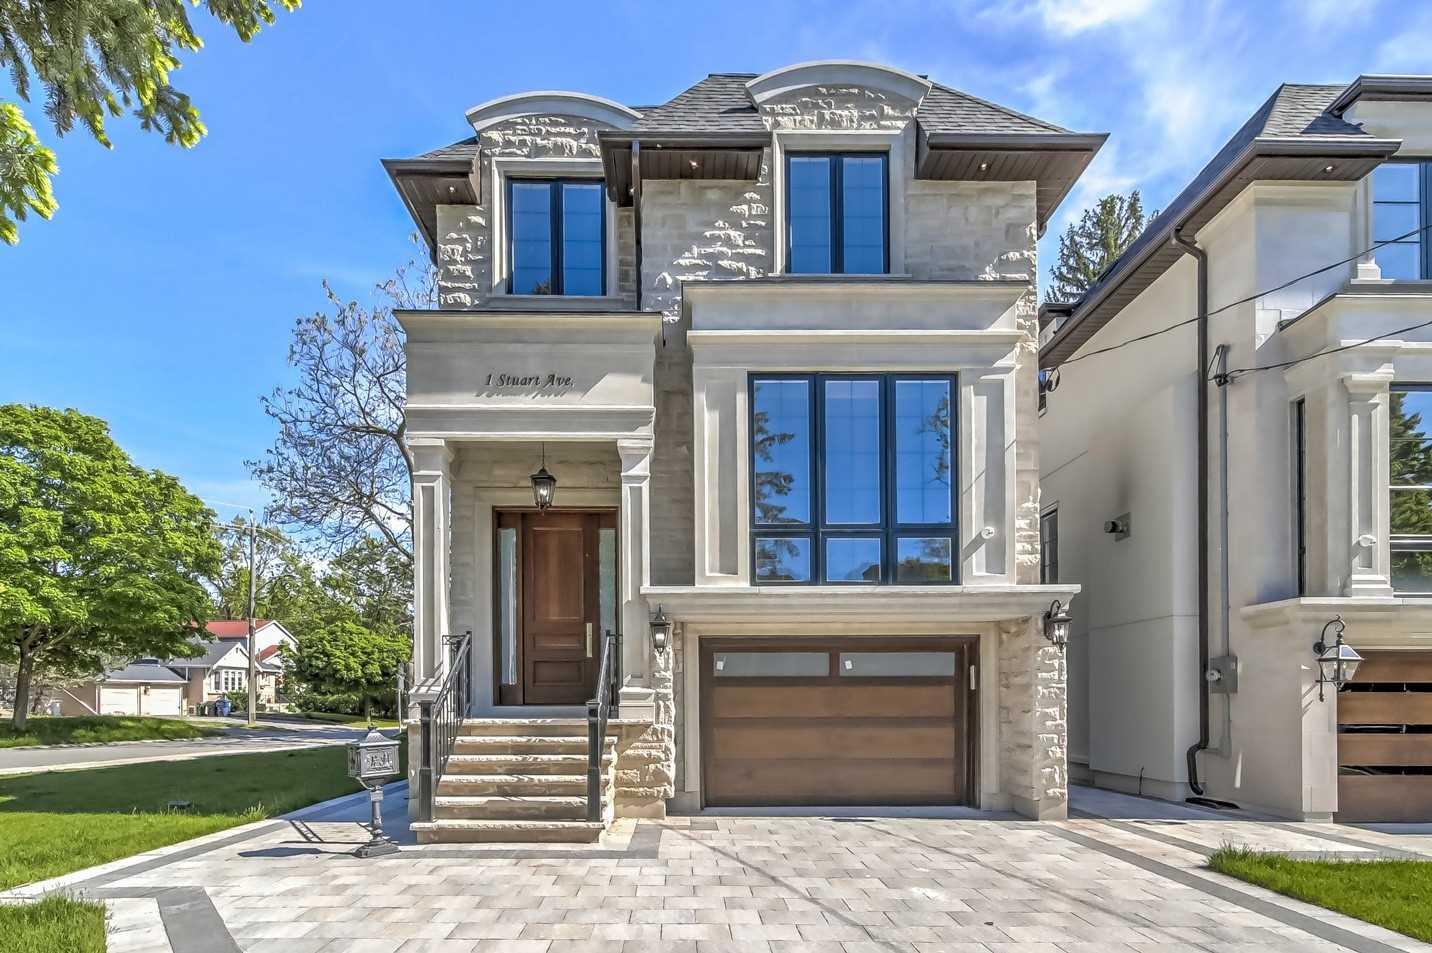 1 Stuart Ave, Toronto